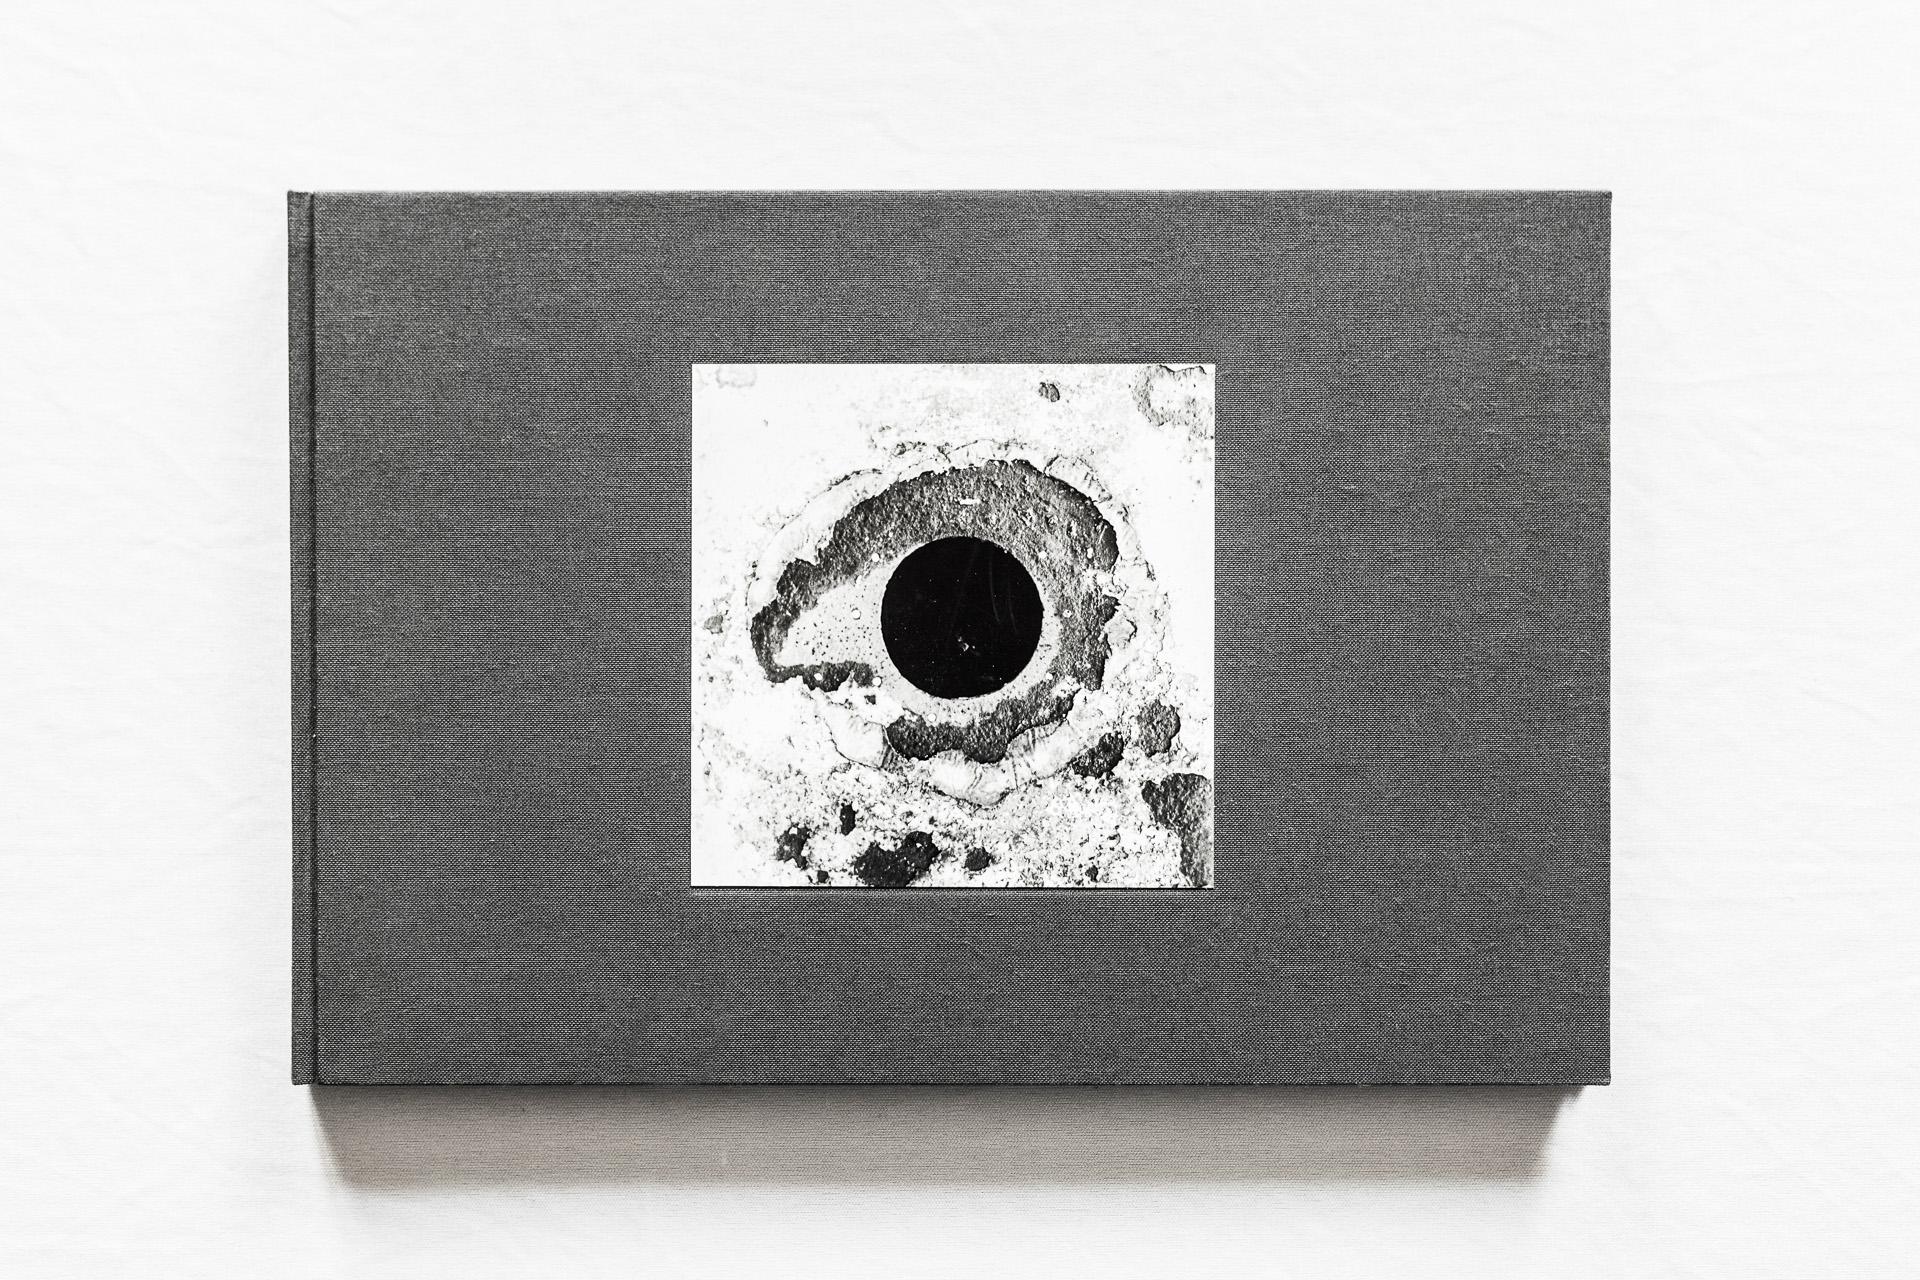 showroom projekte - Philip Gunkel12